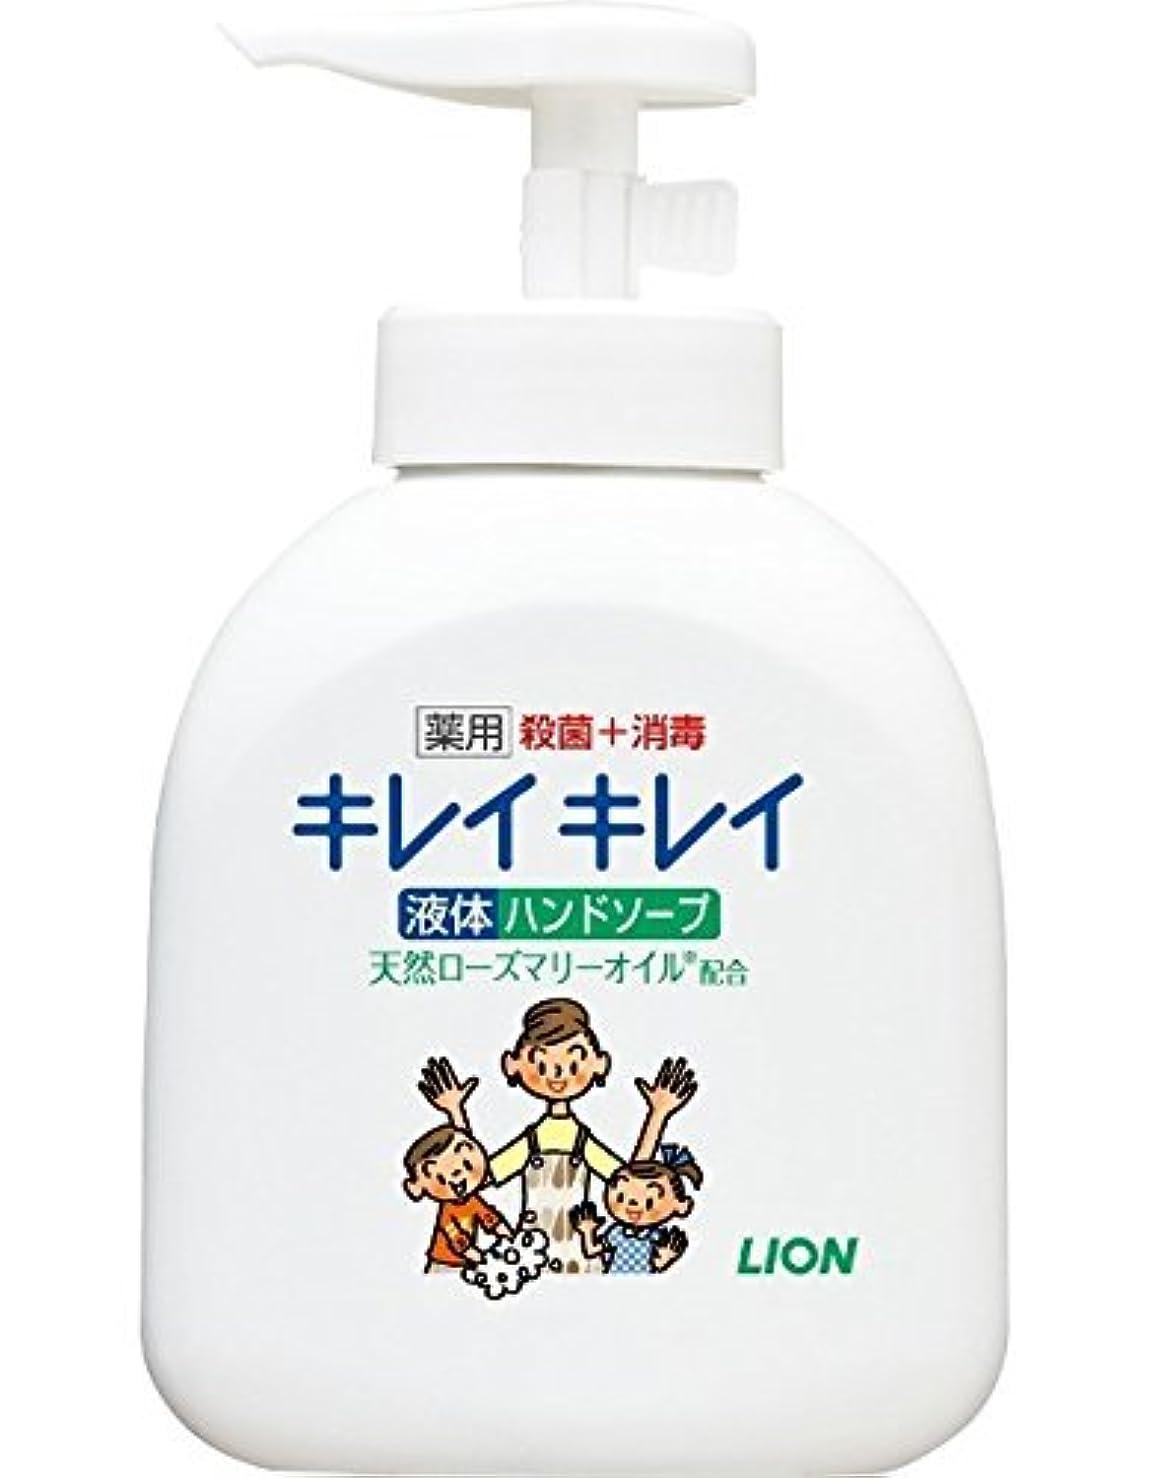 層貨物社会主義者【ライオン】キレイキレイ薬用液体ハンドソープ 本体ポンプ 250ml ×30個セット